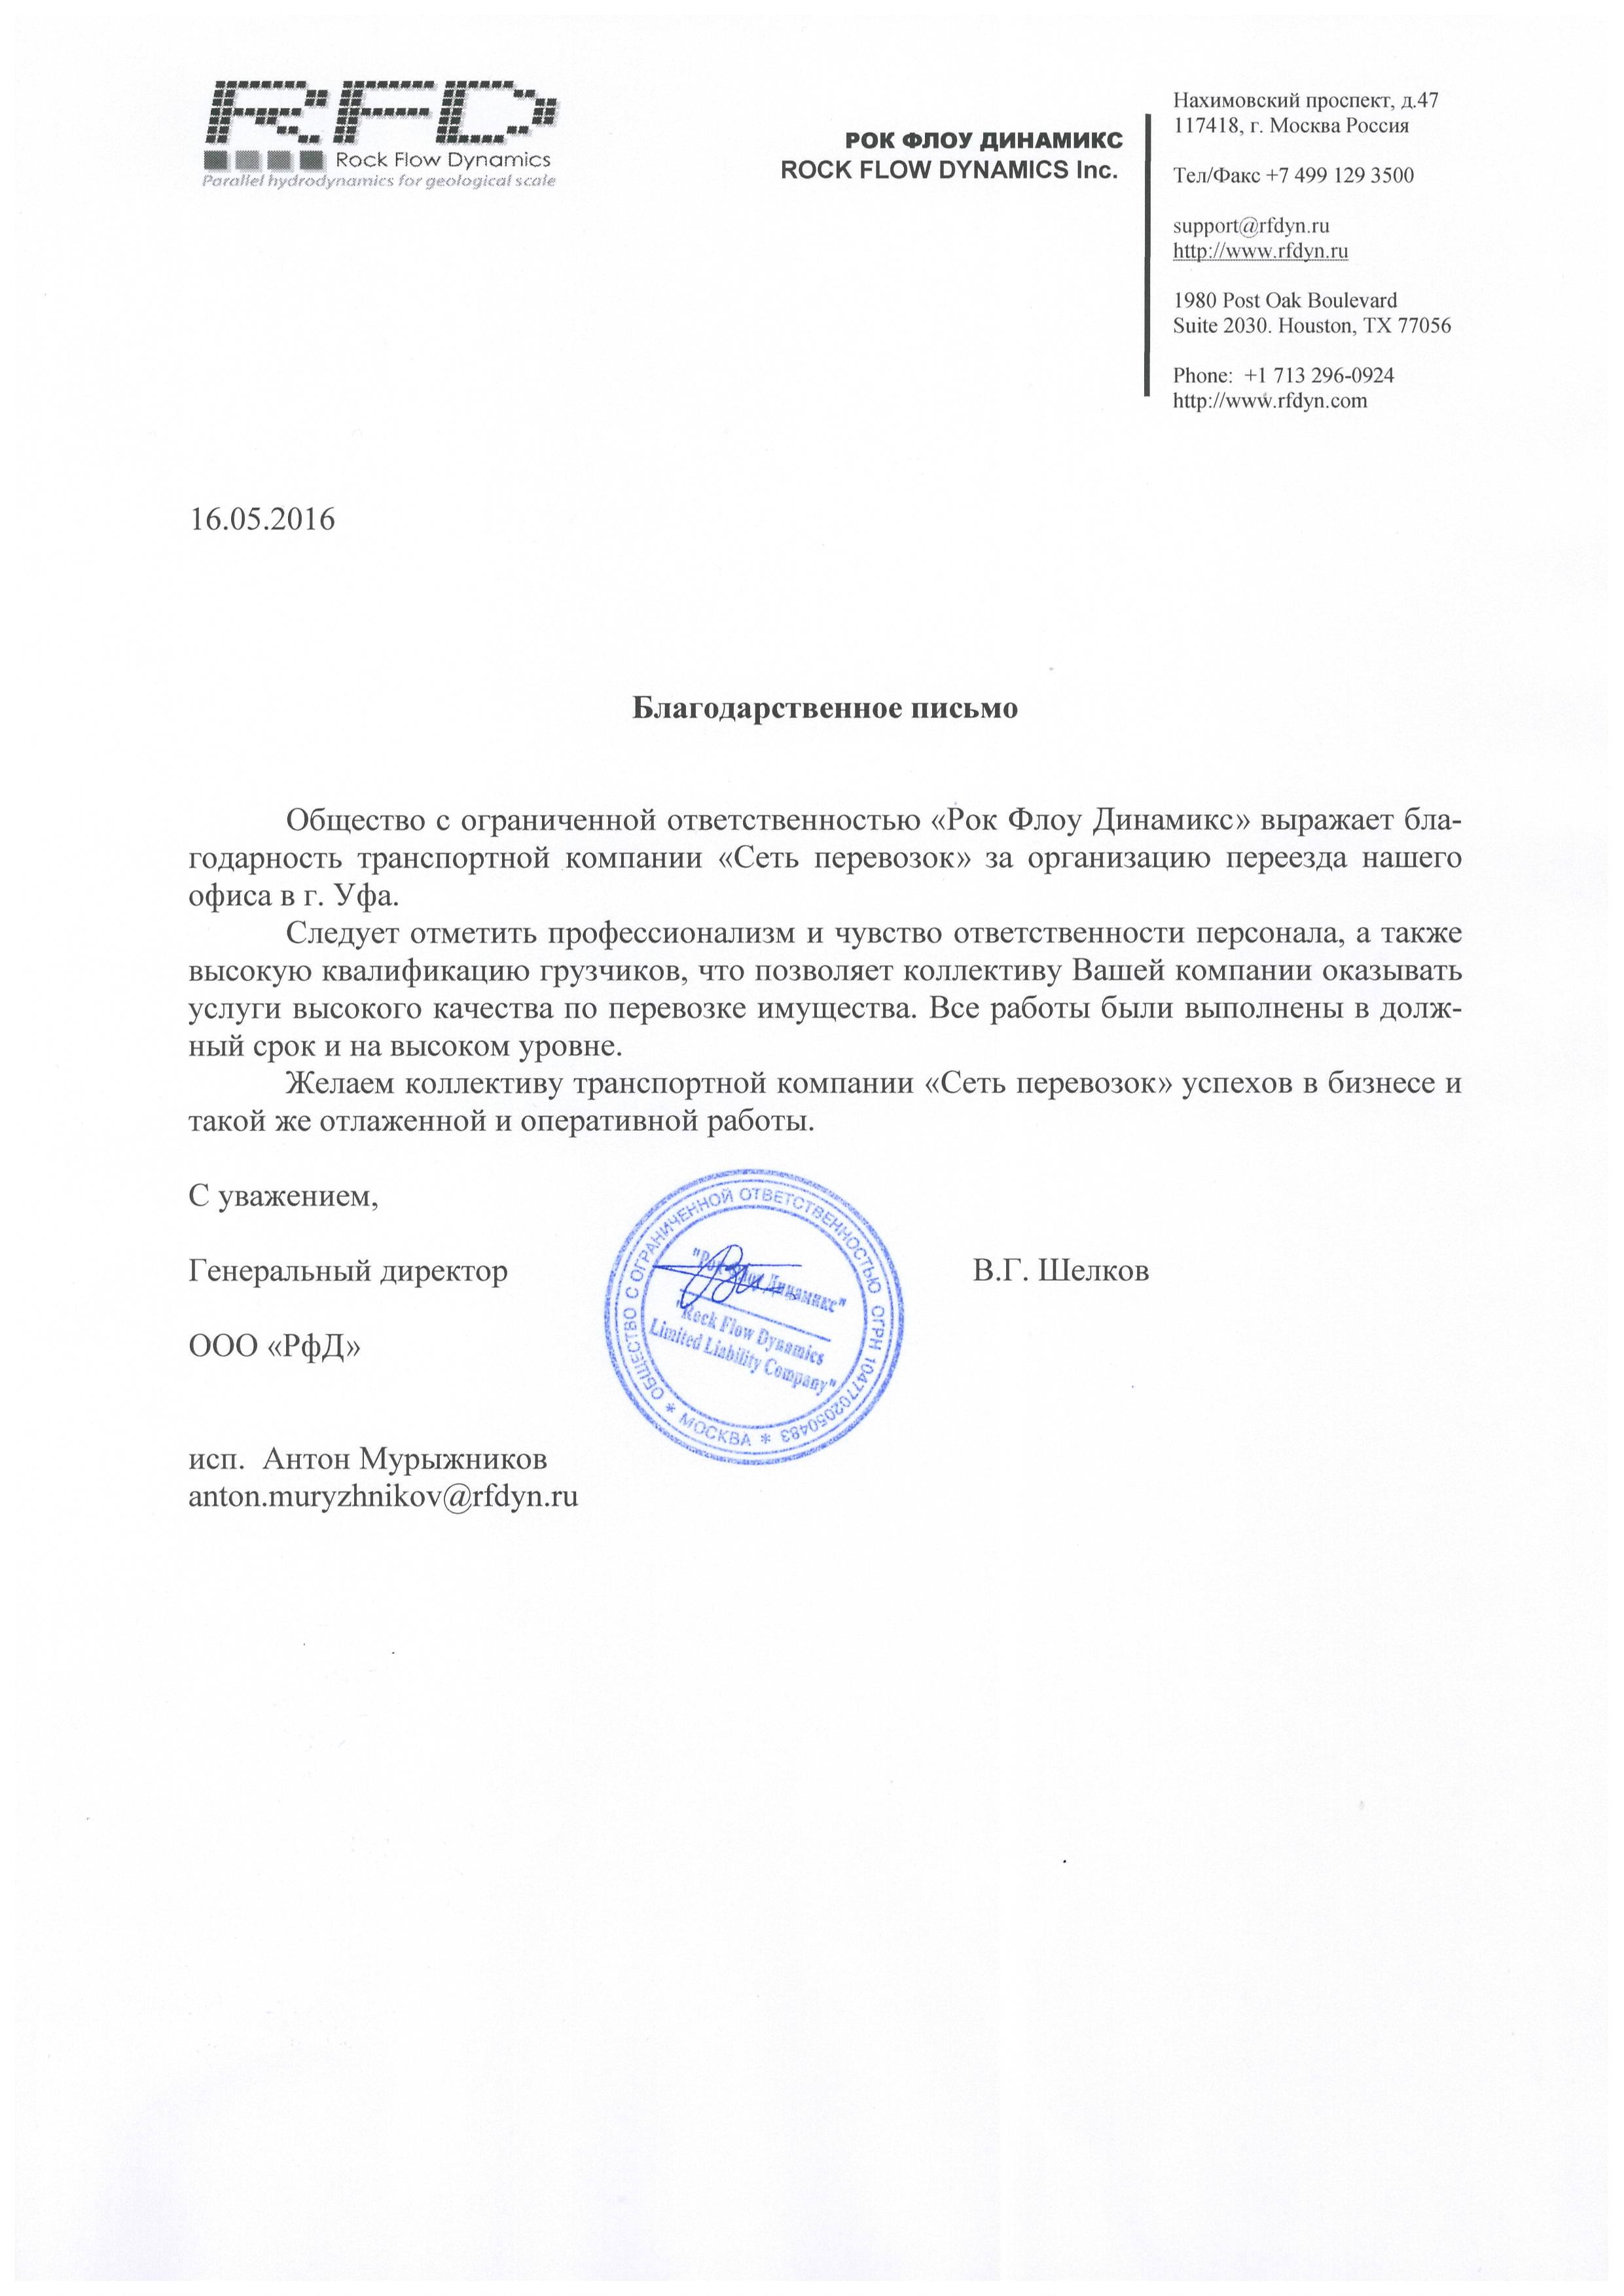 благодарственное письмо за переезд офиса ООО РФД